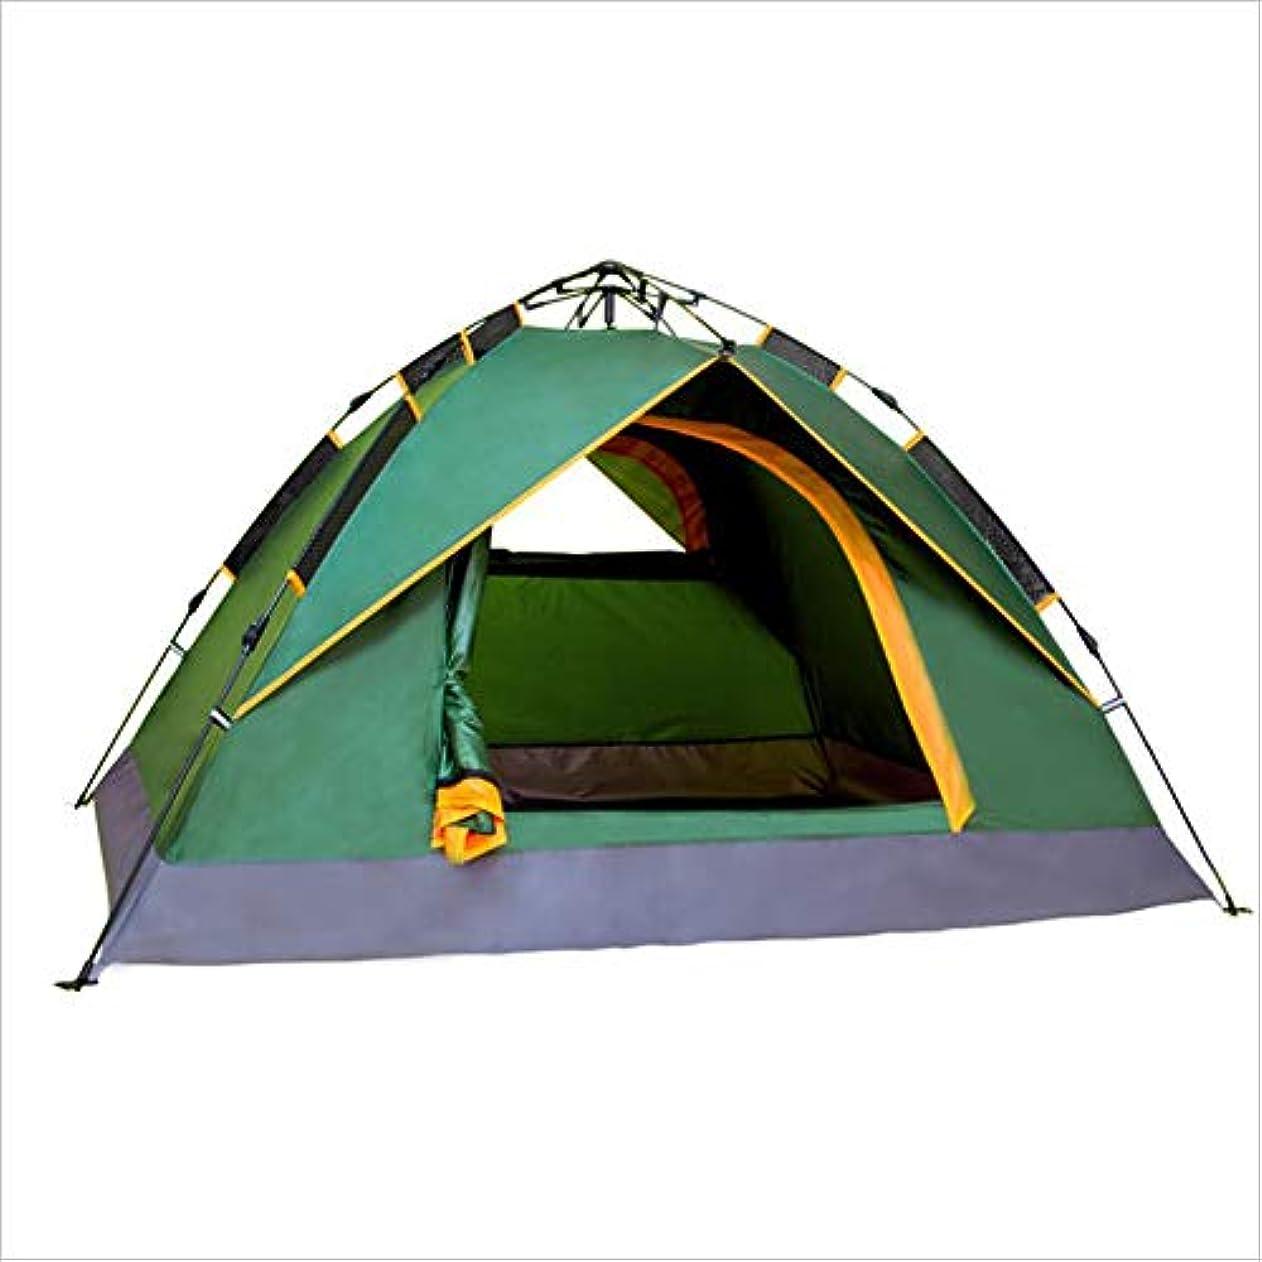 ファシズム論理的に章屋外の速度の開いたテント、2-3人の屋外の自動防雨性のキャンプテント